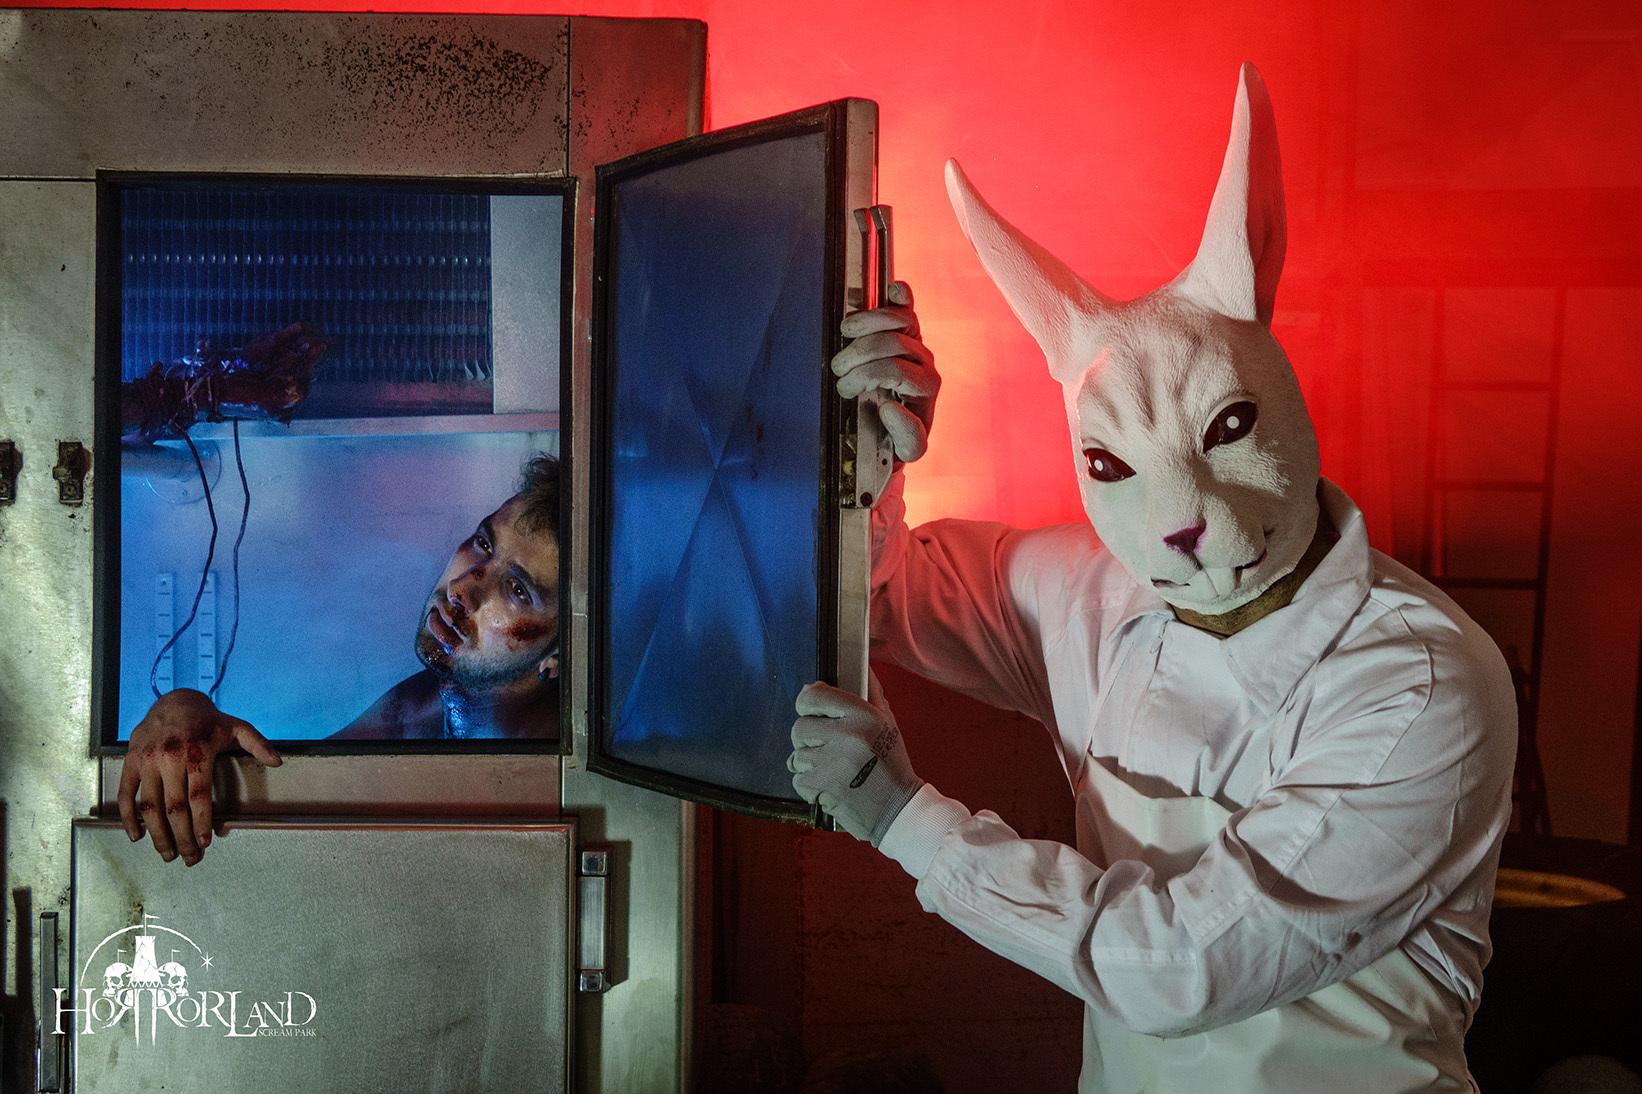 Horrorland Christmas: el parque temático de terror vuelve por Navidad